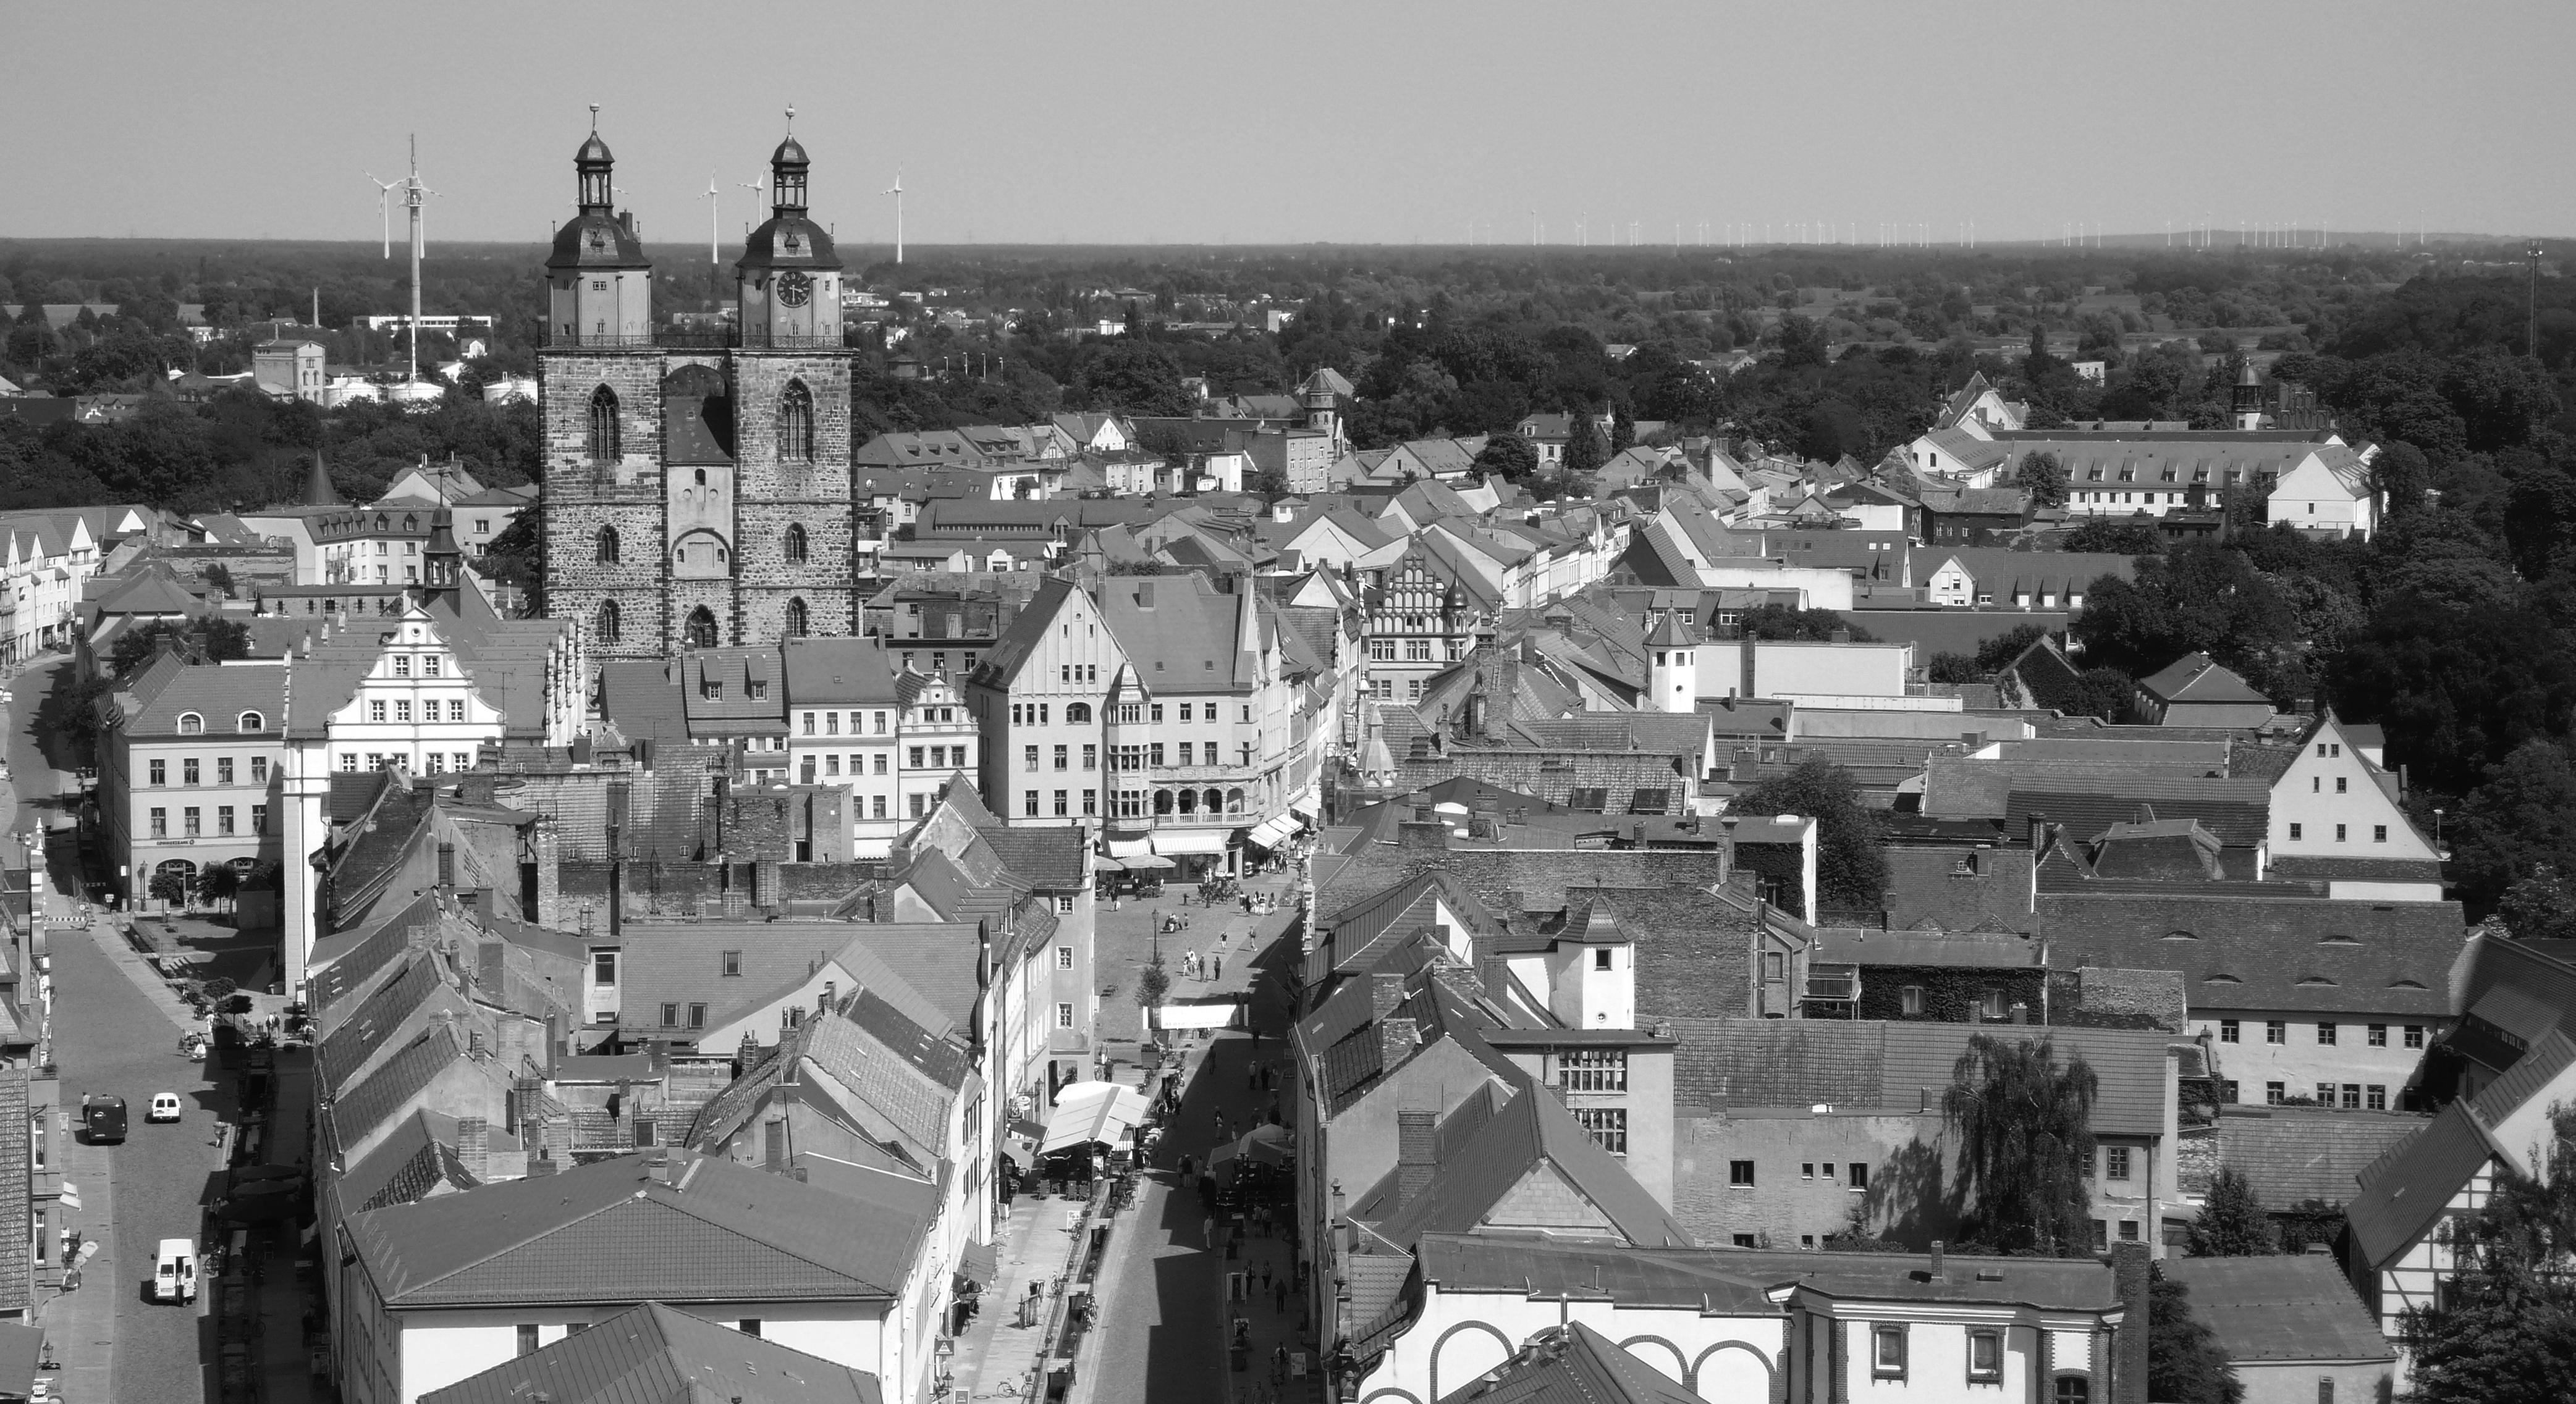 Wittenberg. Zentrum der Reformation